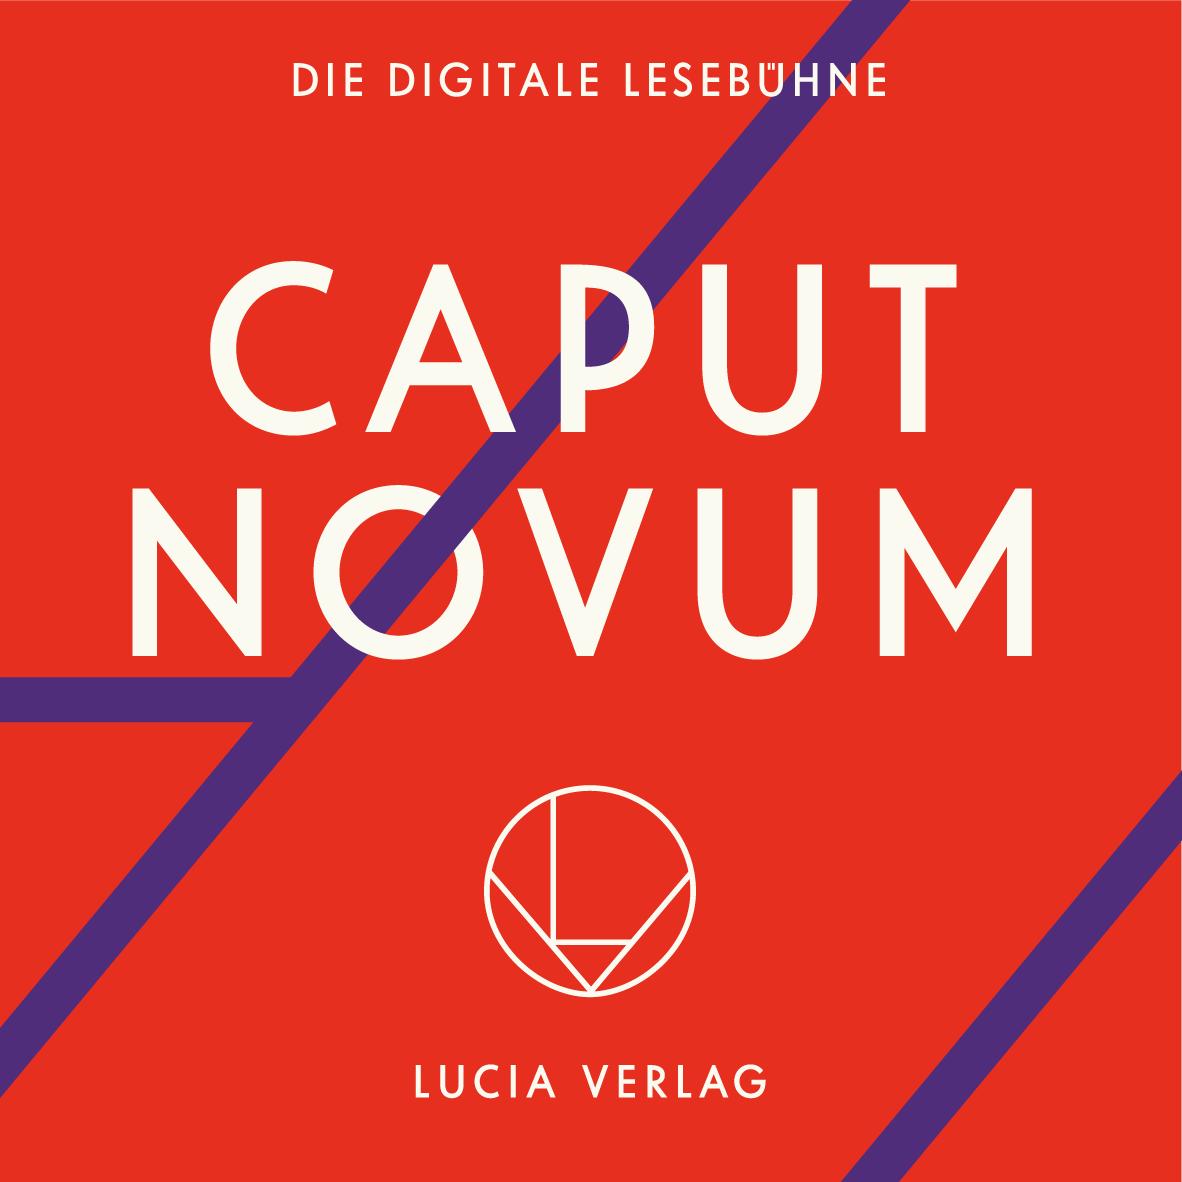 Caput Novum.